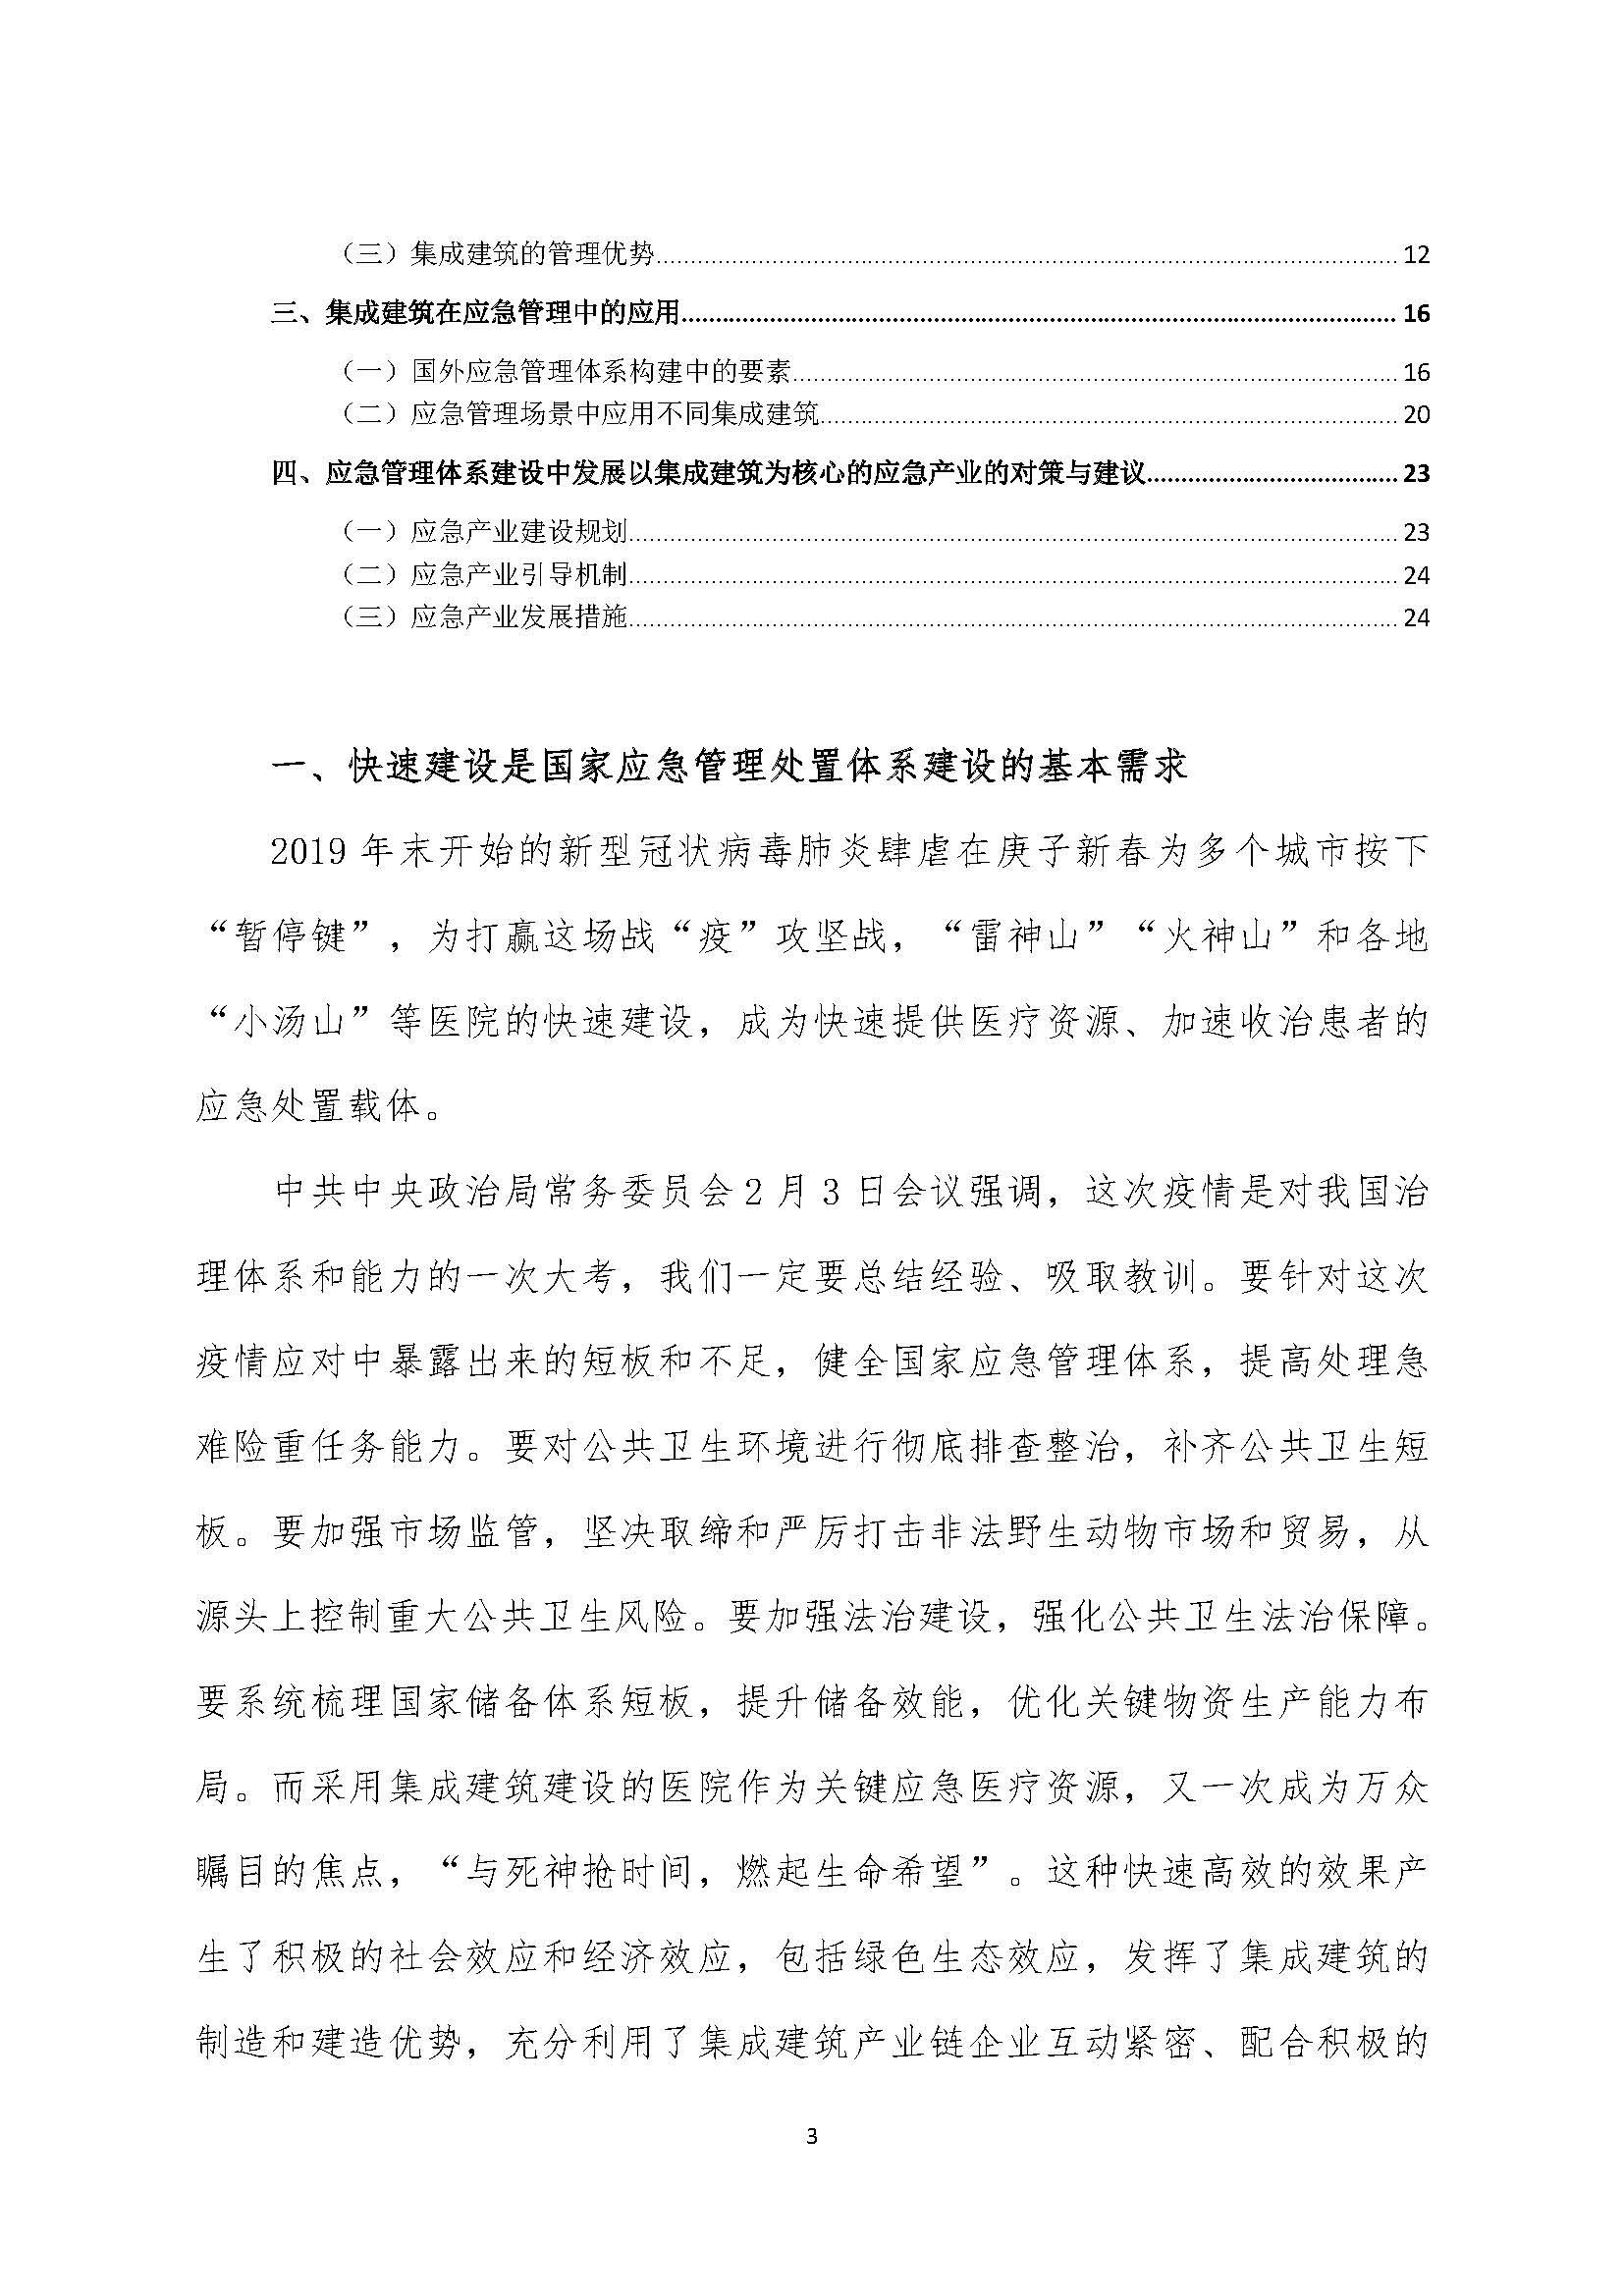 新闻-集成建筑系统构建在国家应急管理体系建设中的应用研究-02172_页面_03